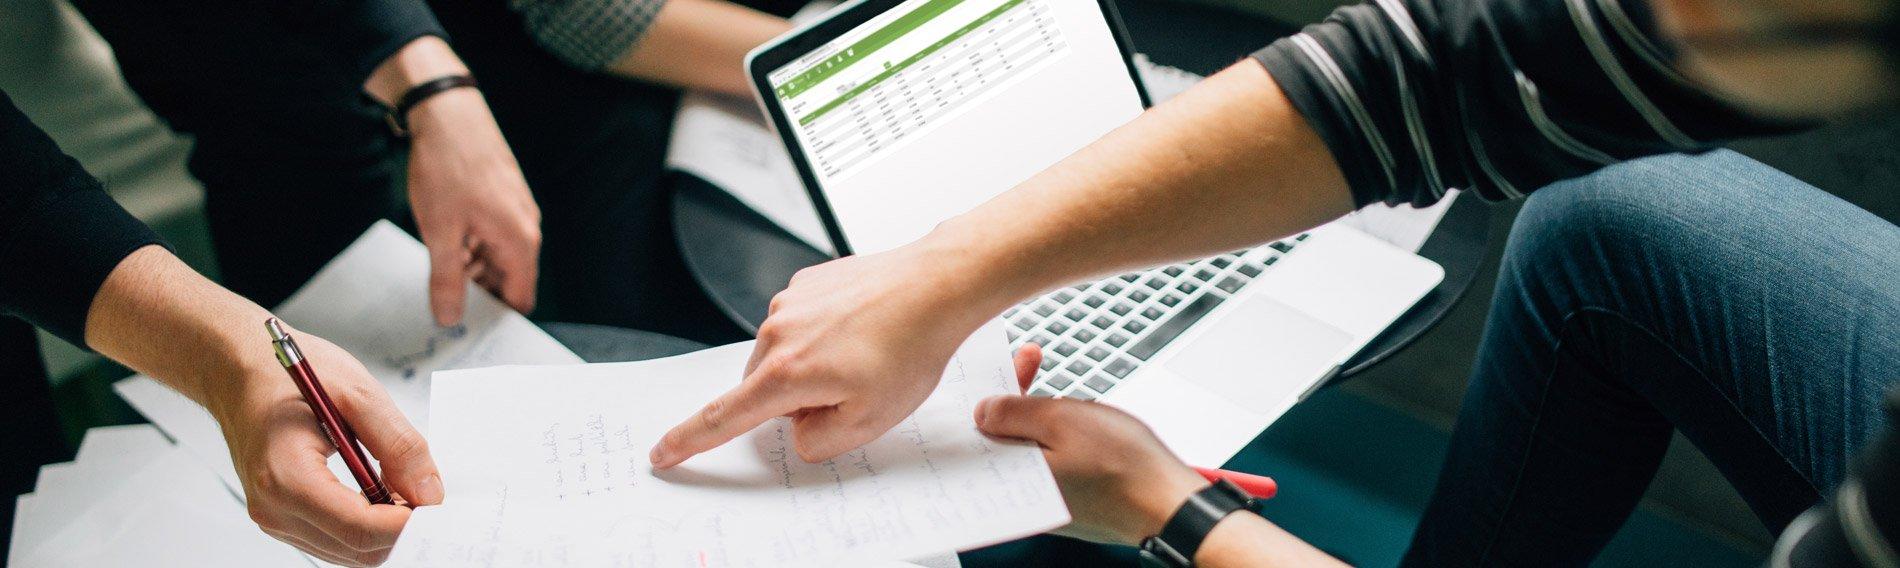 Brugervenligt og intuitivt projektstyringsværktøj